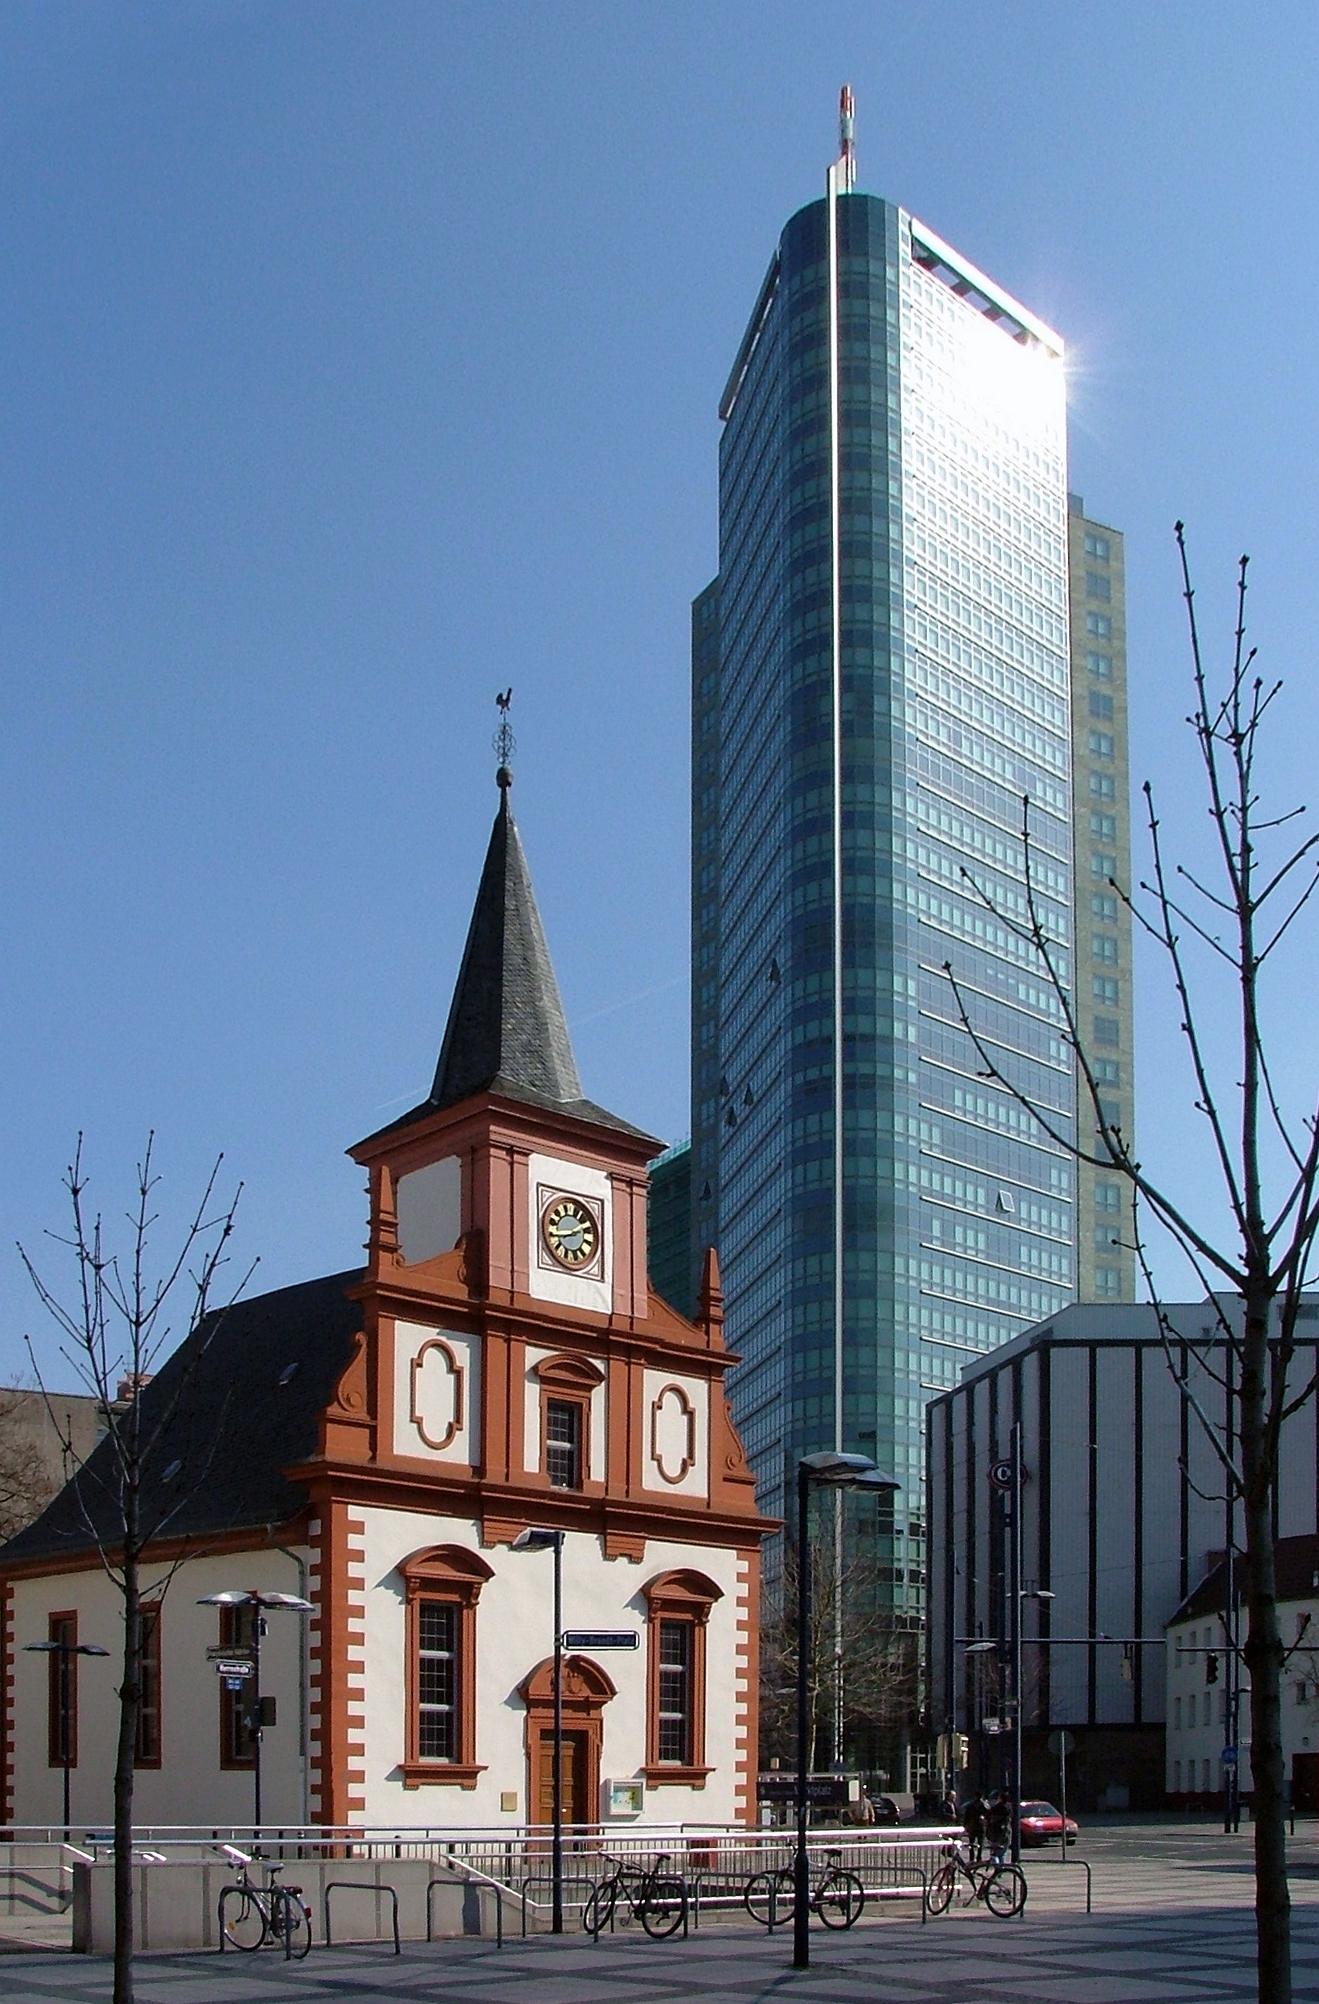 Franz sisch reformierte kirche offenbach am main for Werbeagentur offenbach am main